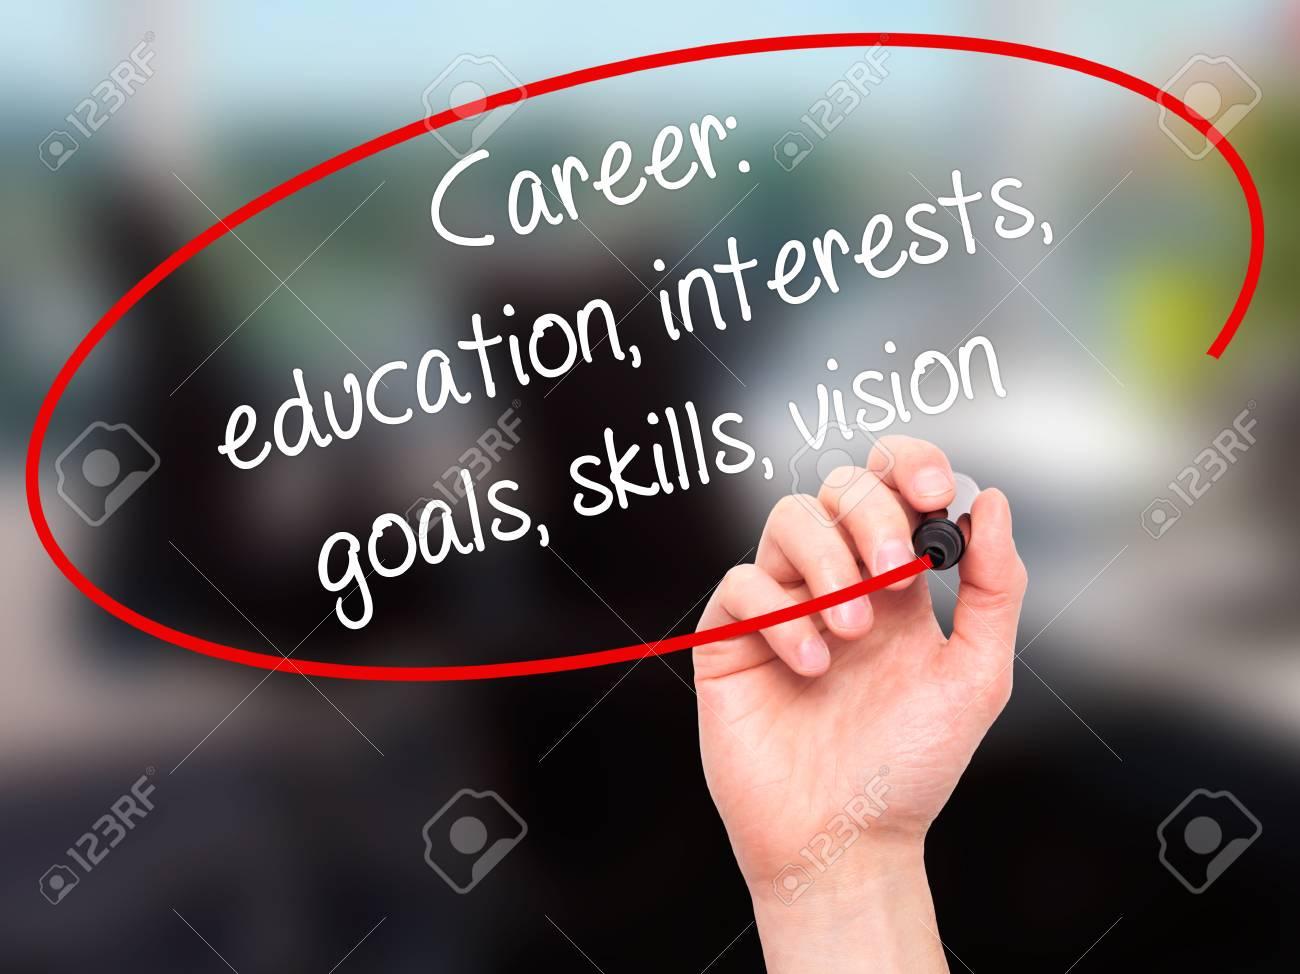 Escritura De La Mano Del Hombre Carrera: Educación, Intereses ...